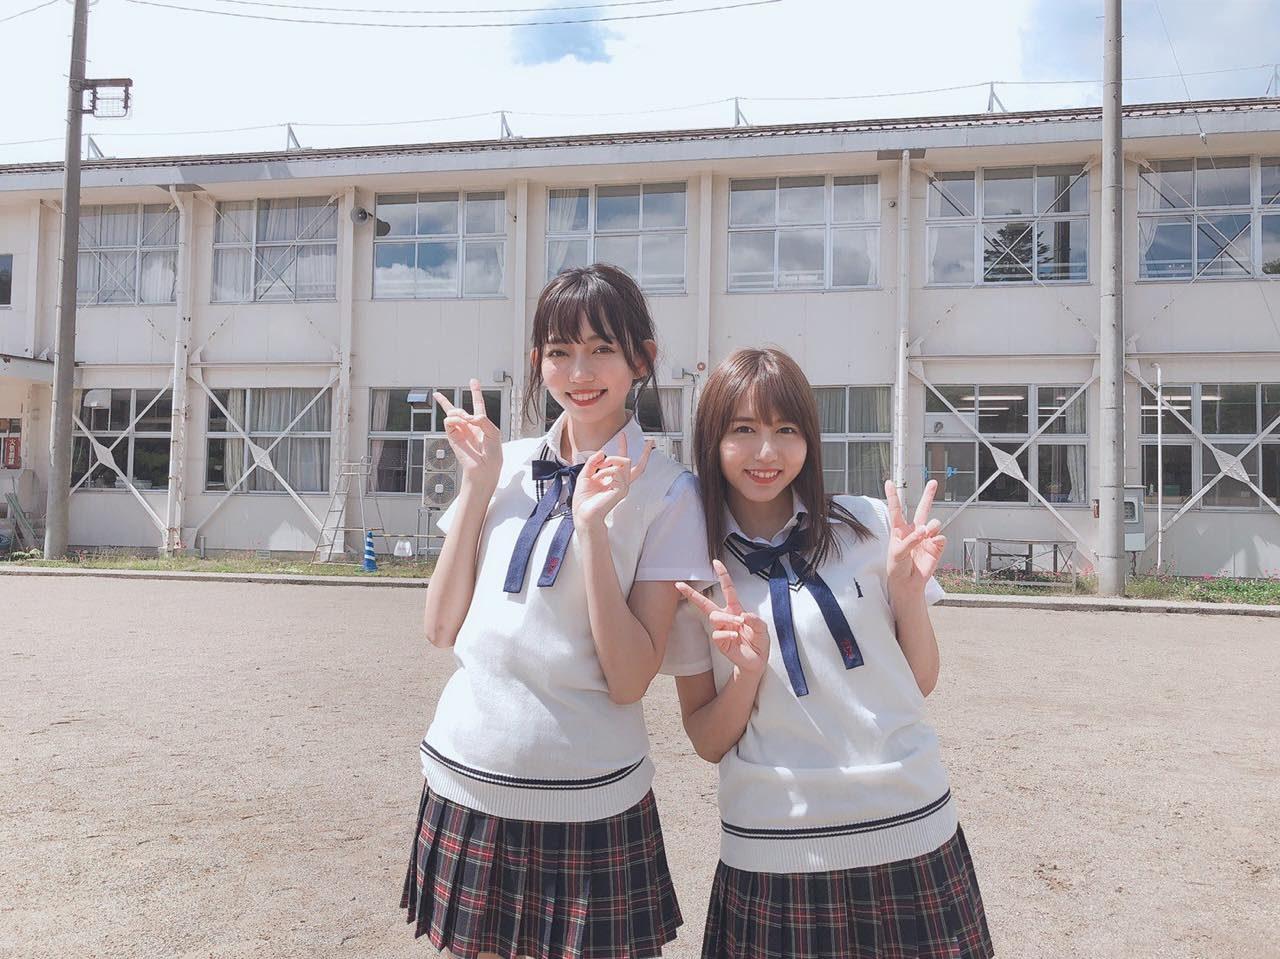 【新番組】SKE48 大場美奈&野島樺乃が全校児童9人の小学校を訪れる 東海テレビ「SKE48は君と歌いたい」 [7/2 22:48~]